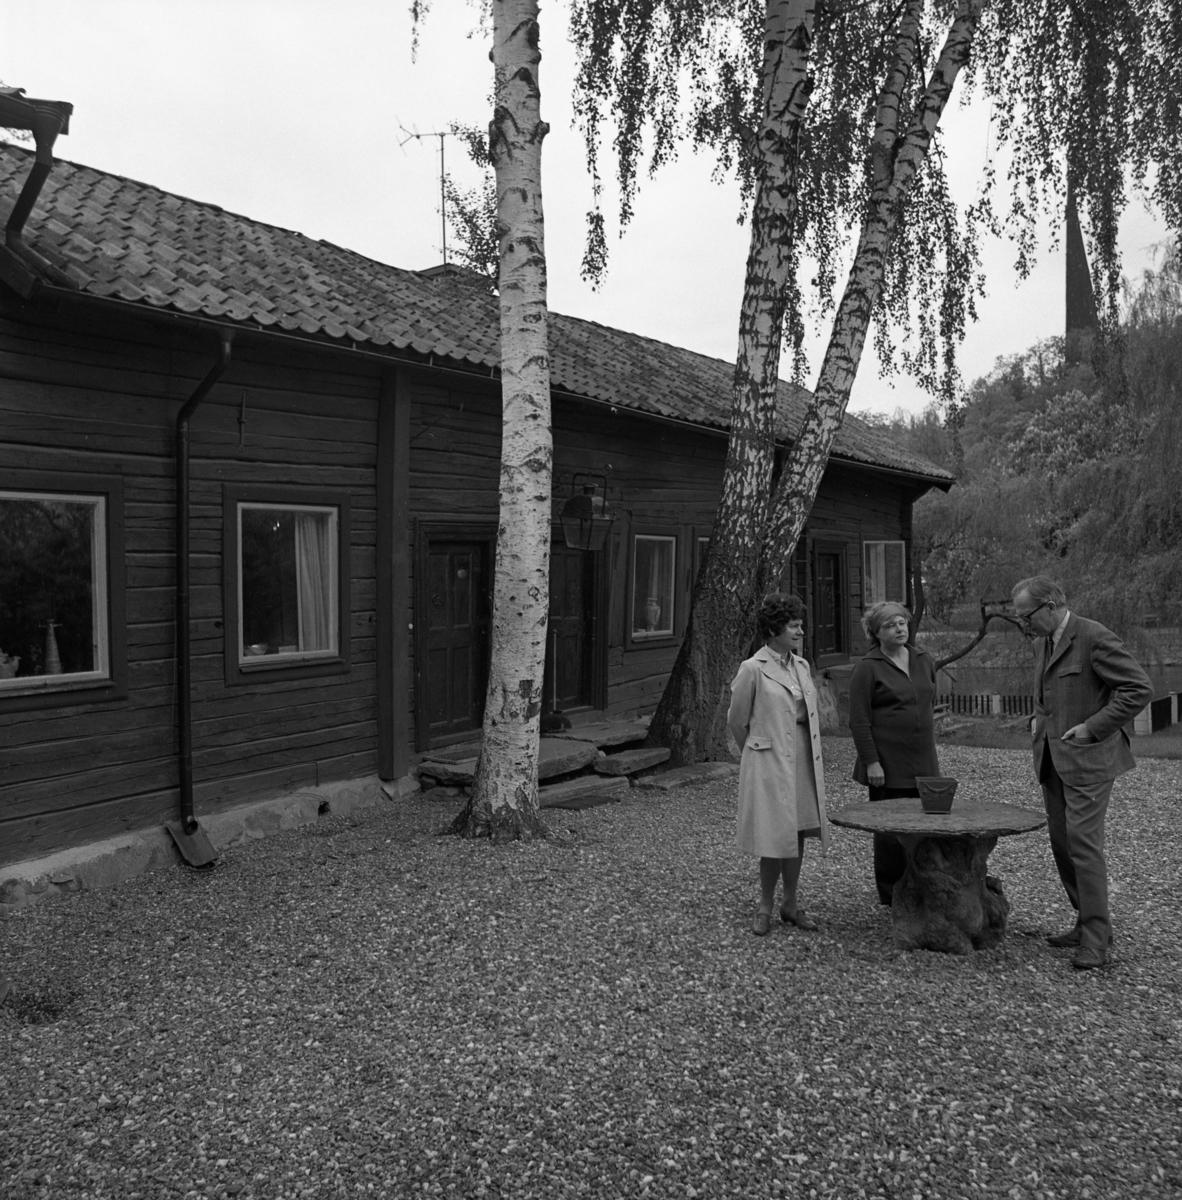 Britt Lundh (mitten) äger Crugska gården, en ågård på södra sidan om Arbogaån. Med på bilden är även Ingegerd och Bertil Stoltz. I bakgrunden anas tornet på Heliga Trefaldighetskyrkan.